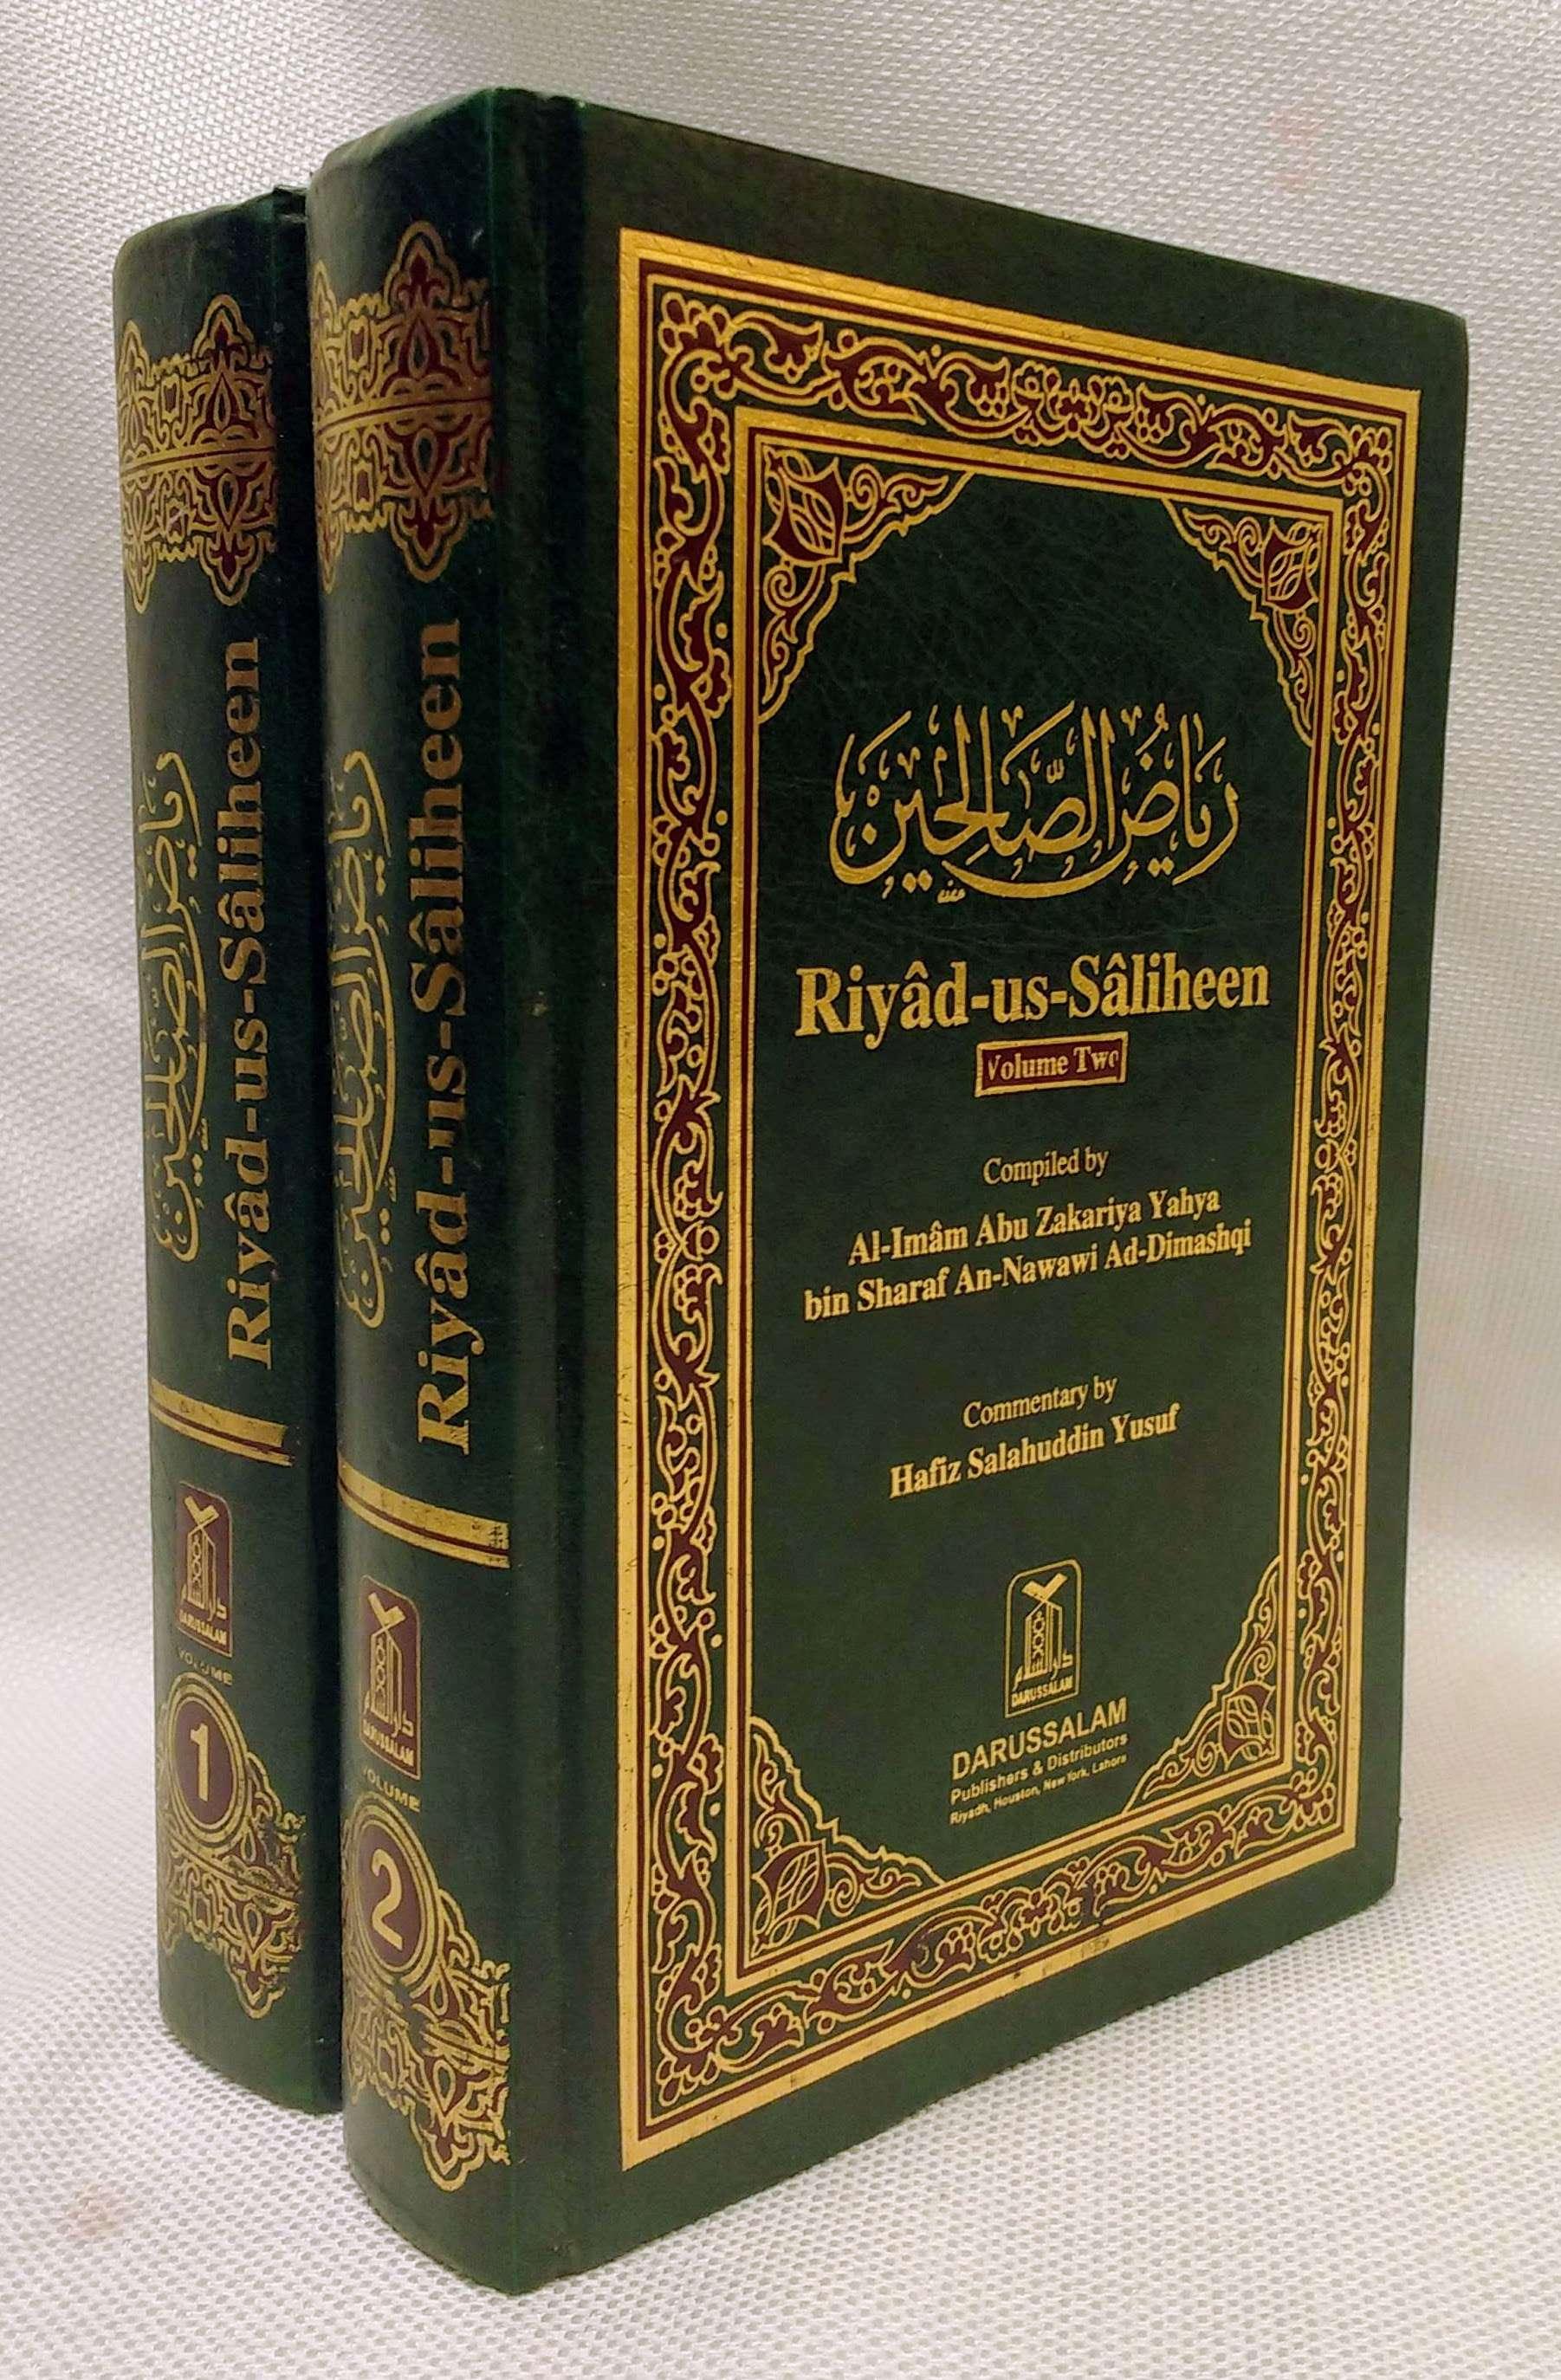 Commentary on the Riyad-us-Saliheen, Volumes 1 & 2, Al-Imam Abu Zakariya Yahya bin Sharaf An-Nawawi Ad-Dimashqi and Hafiz Salahuddin Yusuf